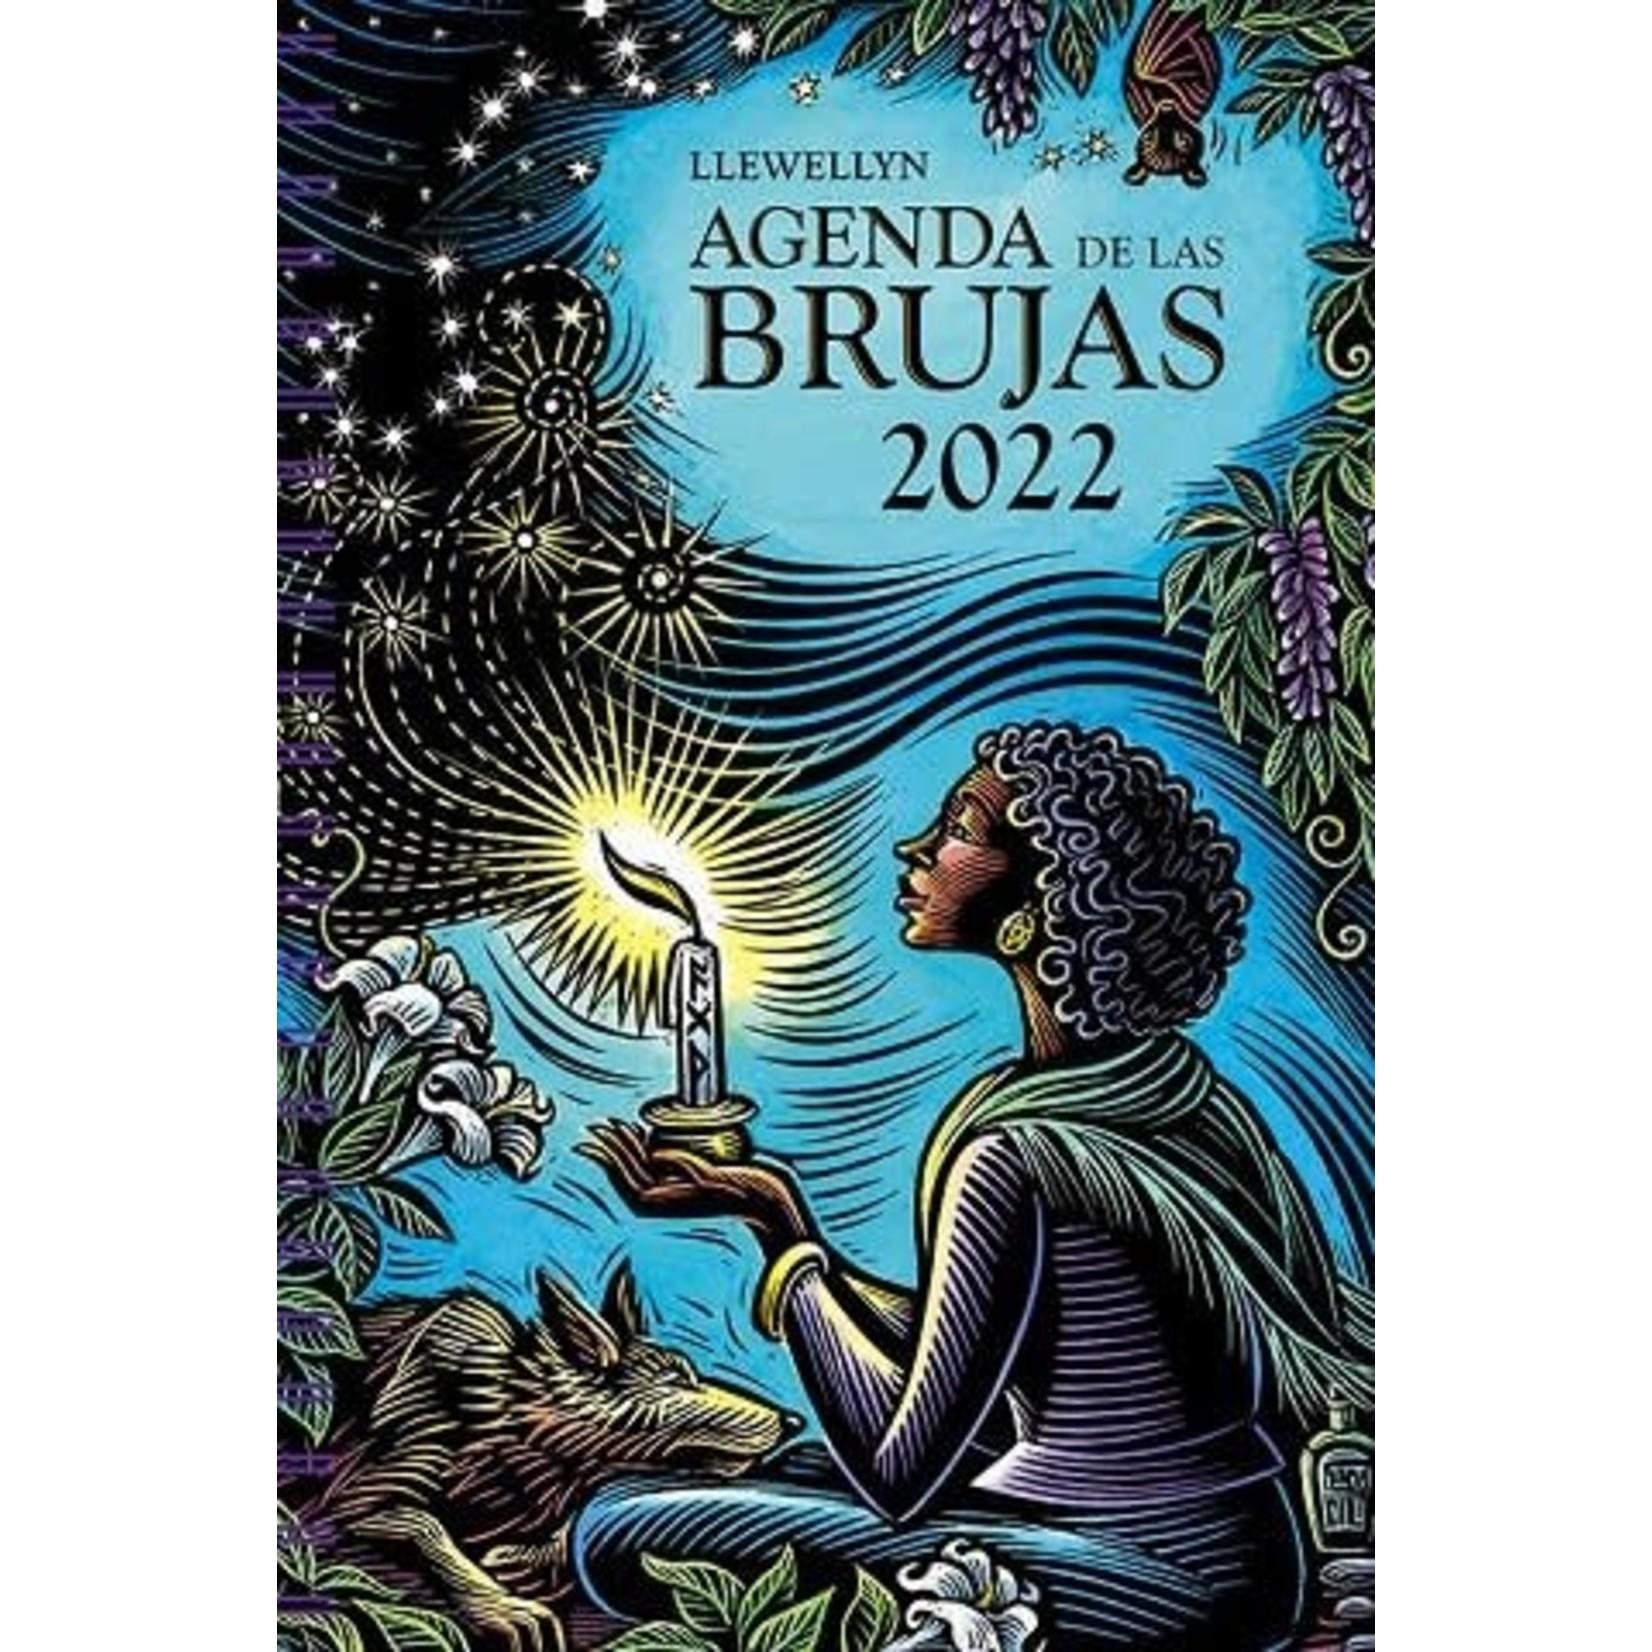 AGENDA DE LAS BRUJAS 2022